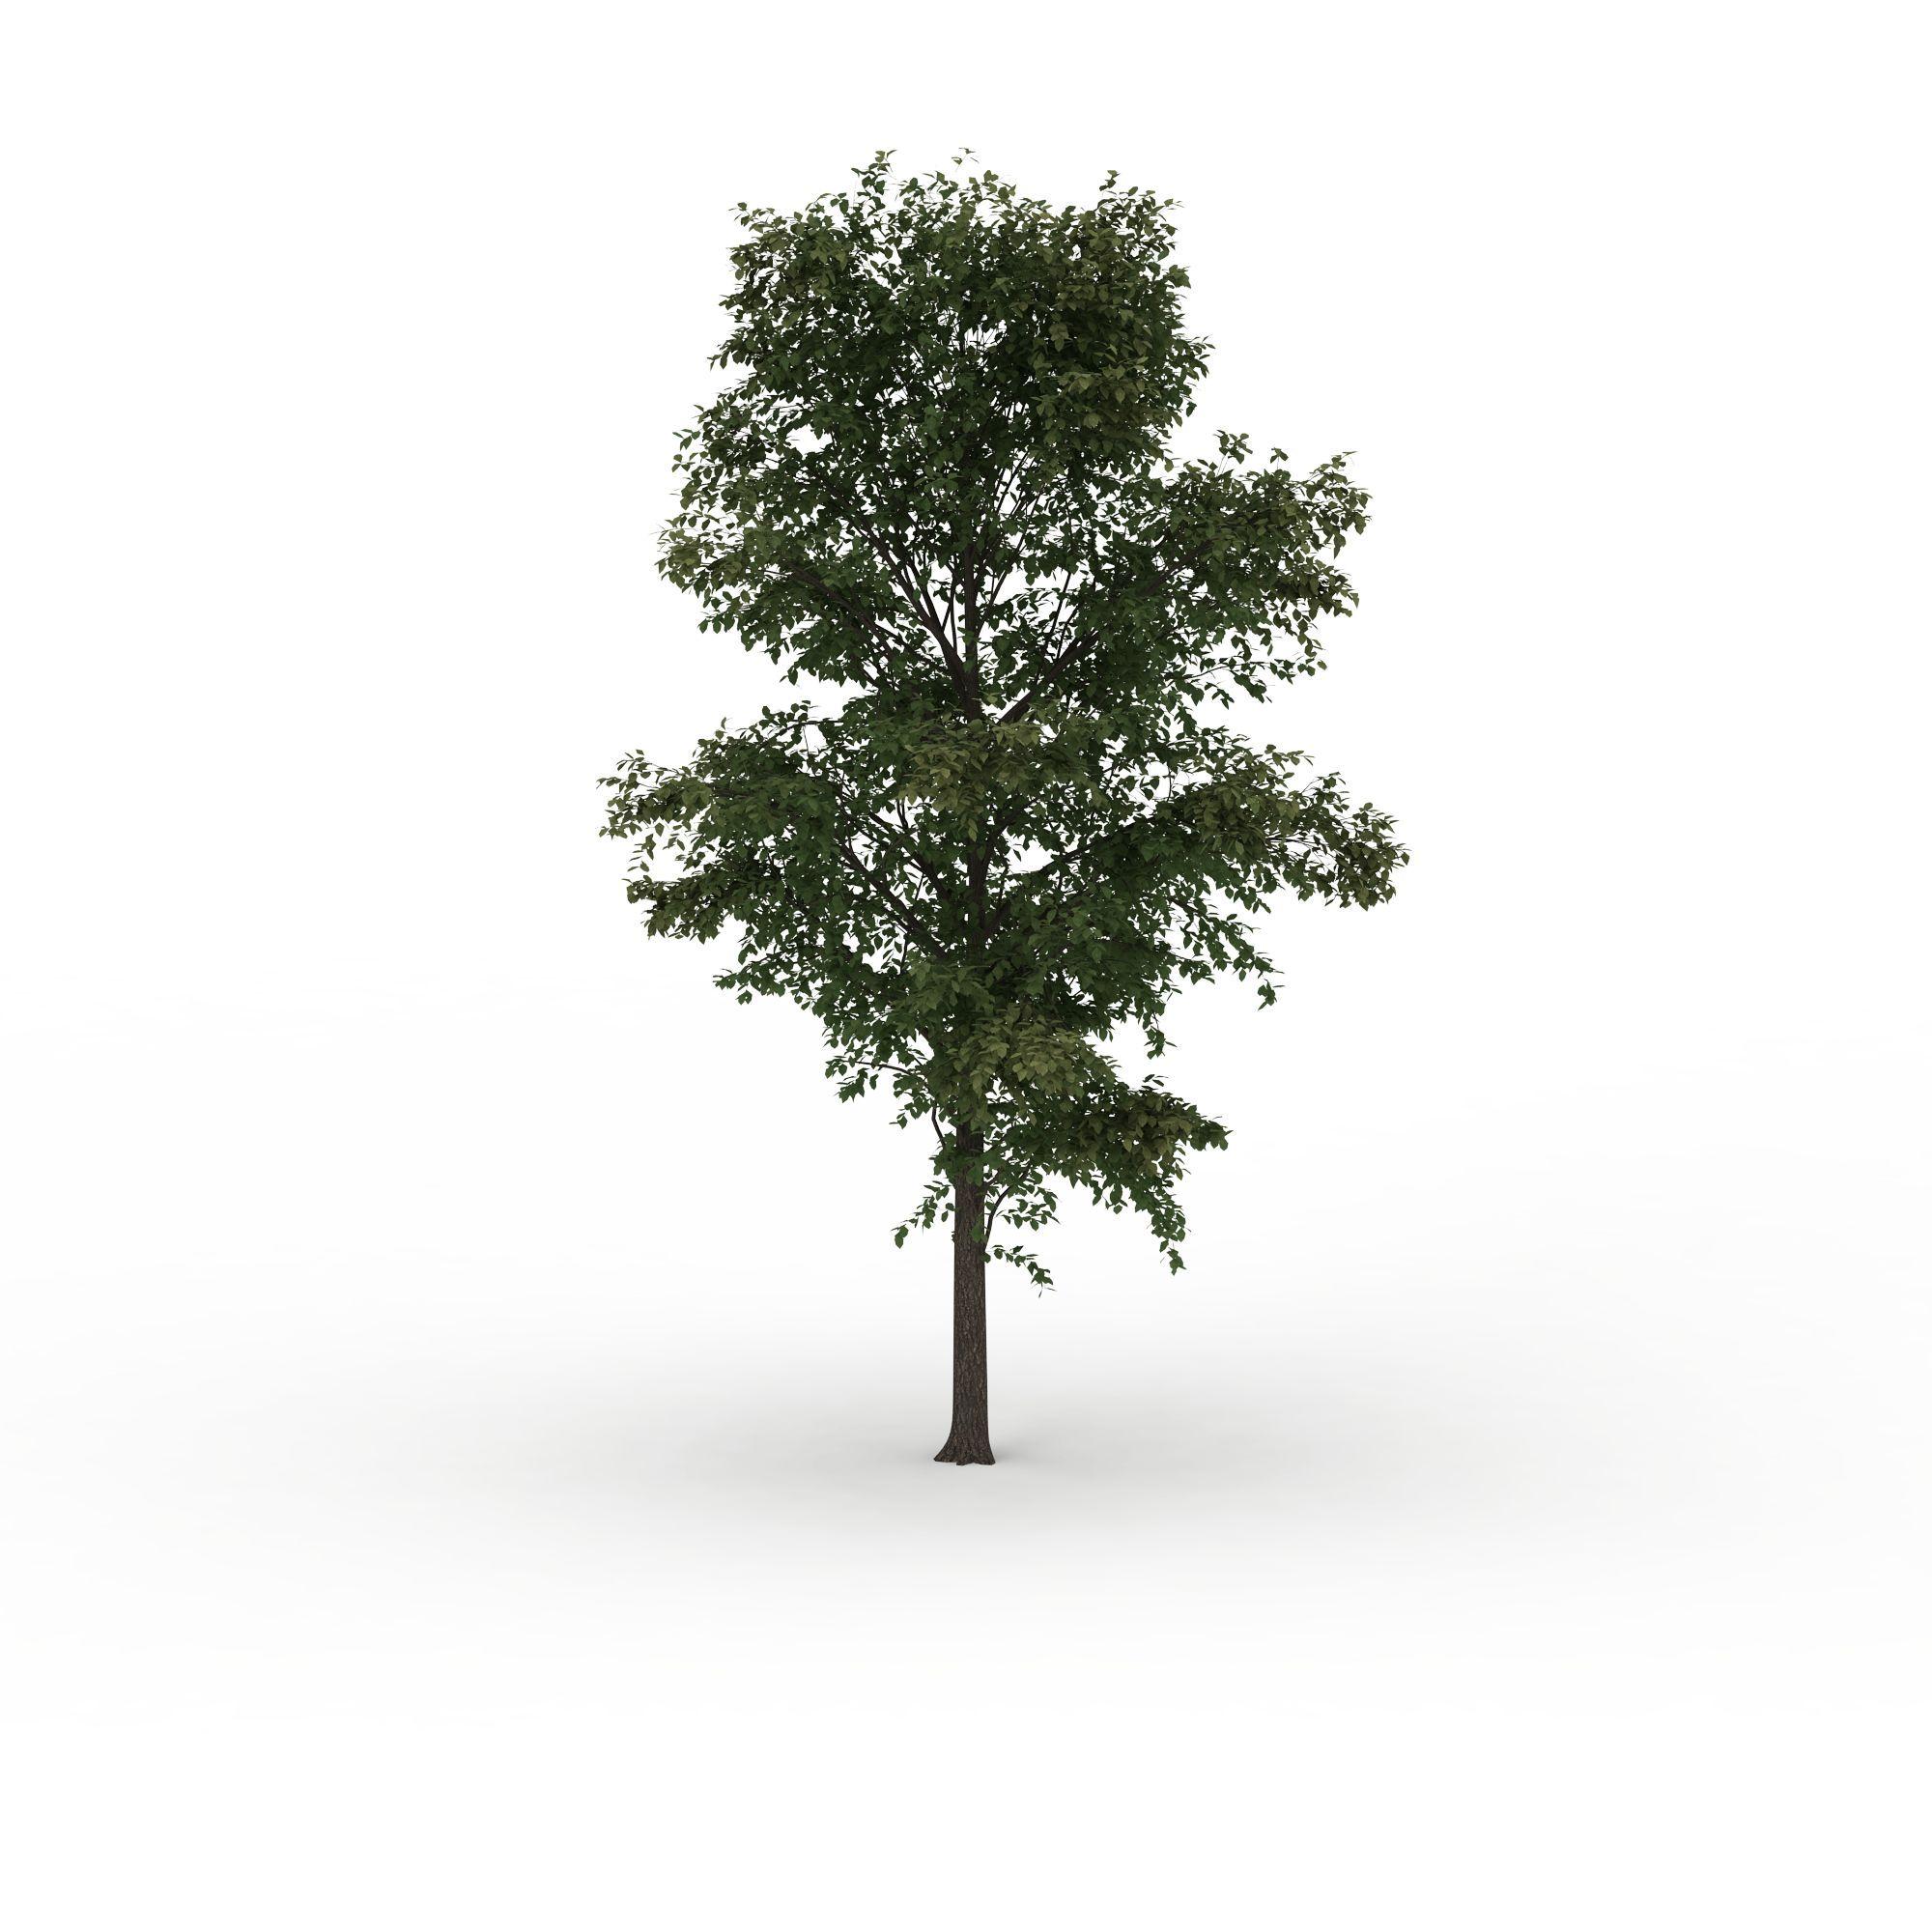 院子绿化植物png高清图  院子绿化植物高清图详情 设计师 3d学苑 模型